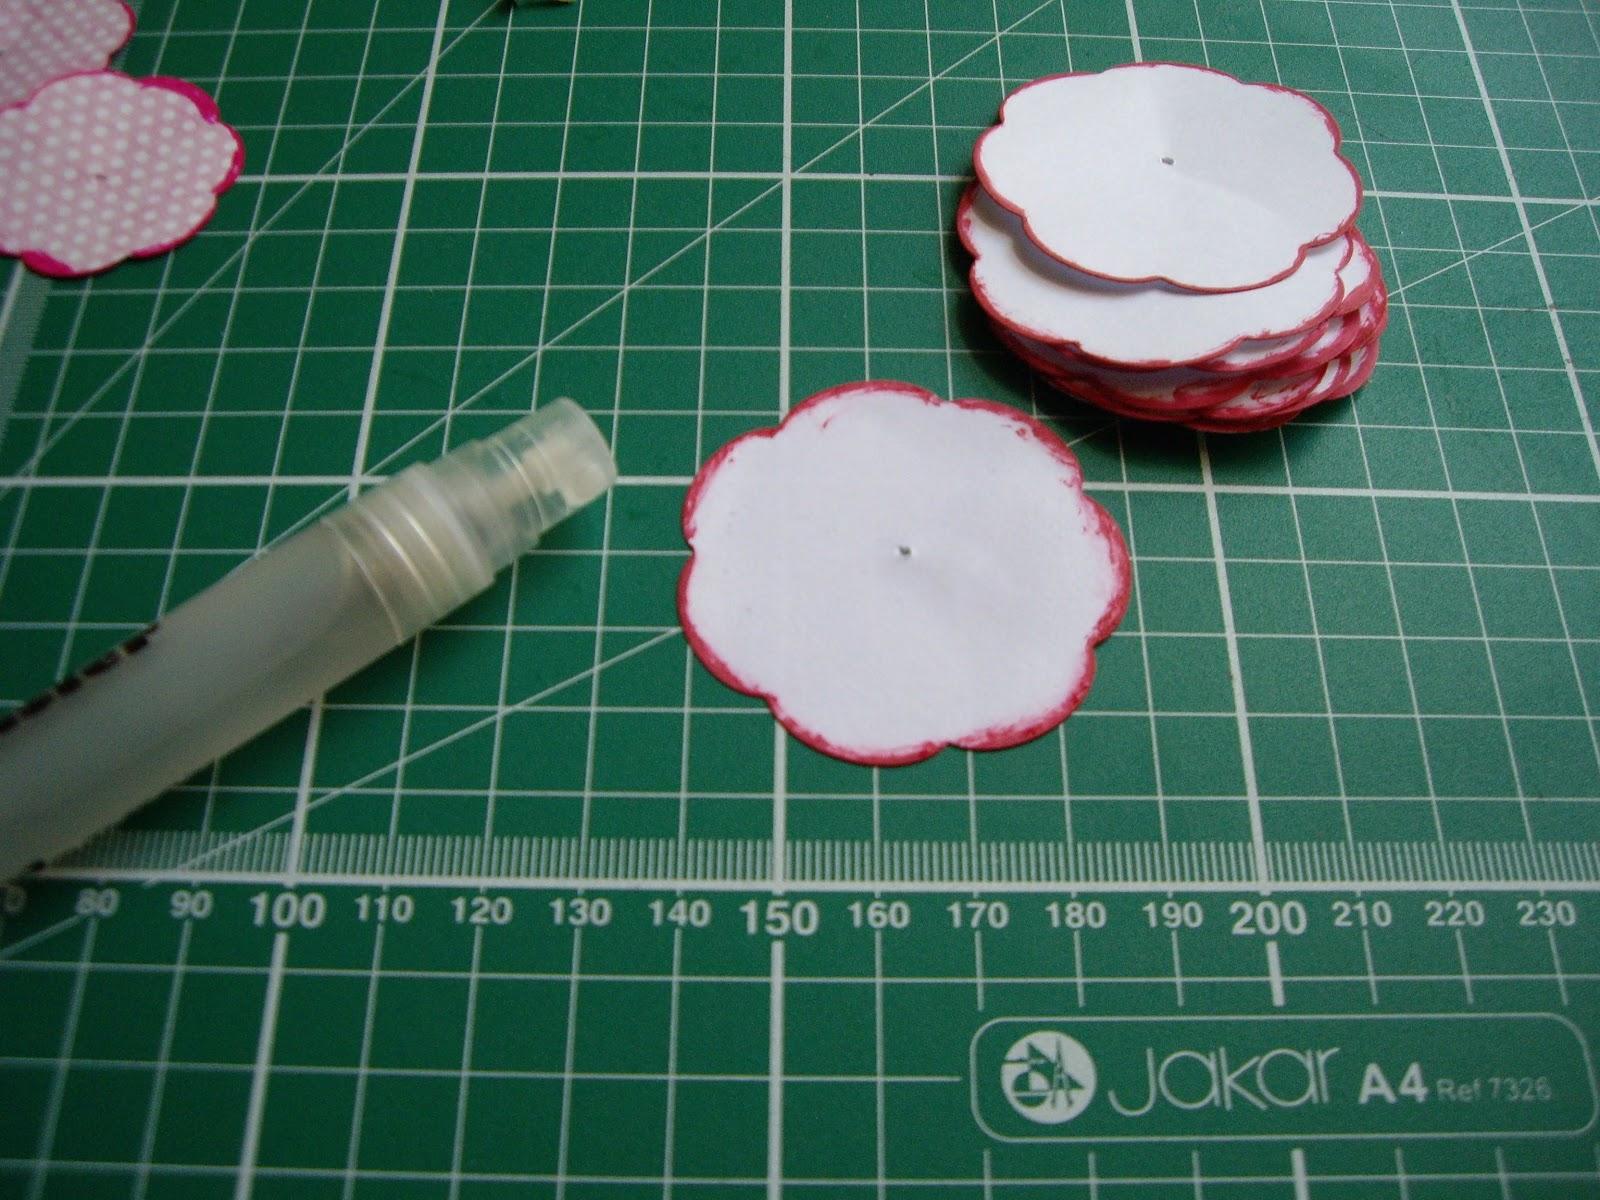 http://3.bp.blogspot.com/-oqxpNdR2Zos/UR0VNgCr_GI/AAAAAAAACFc/4e6E-p7he_A/s1600/water.jpg